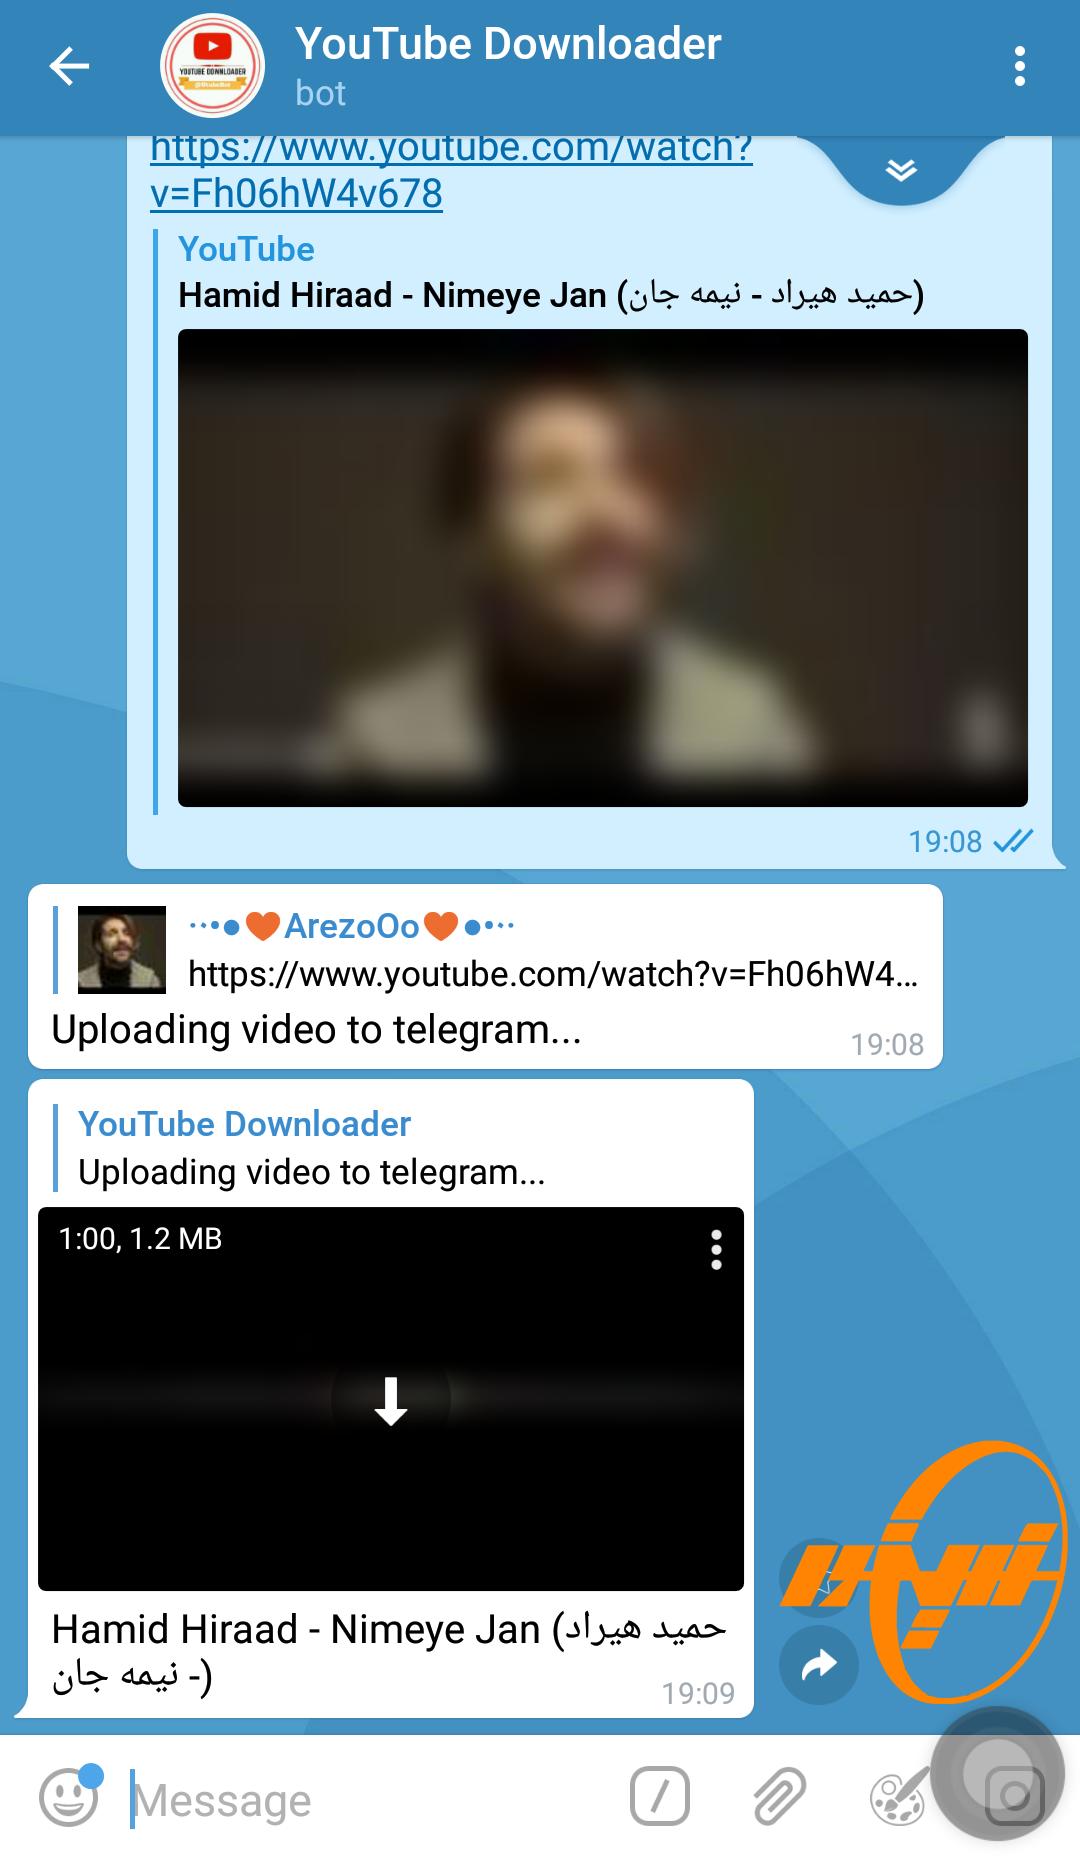 دانلود فیلم از یوتیوب با ربات در تلگرام